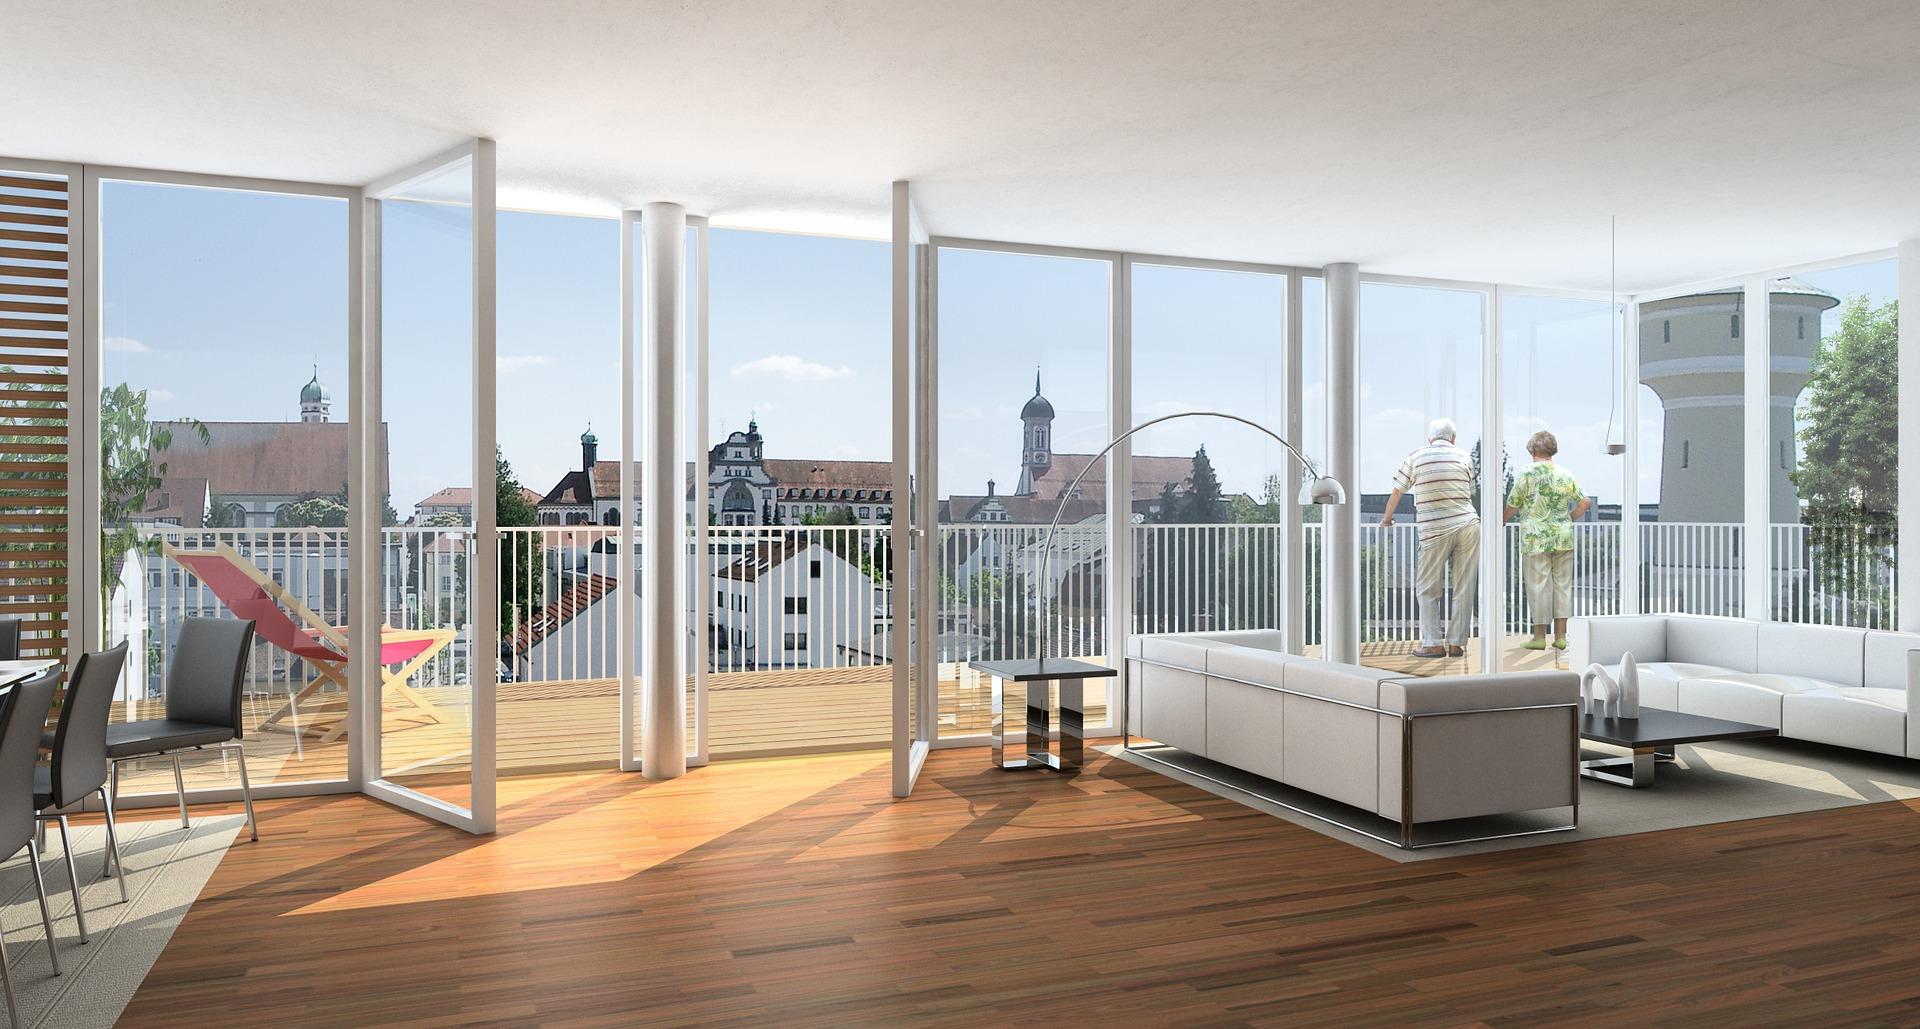 Nowe mieszkanie – etapy prac wykończeniowych krok po kroku